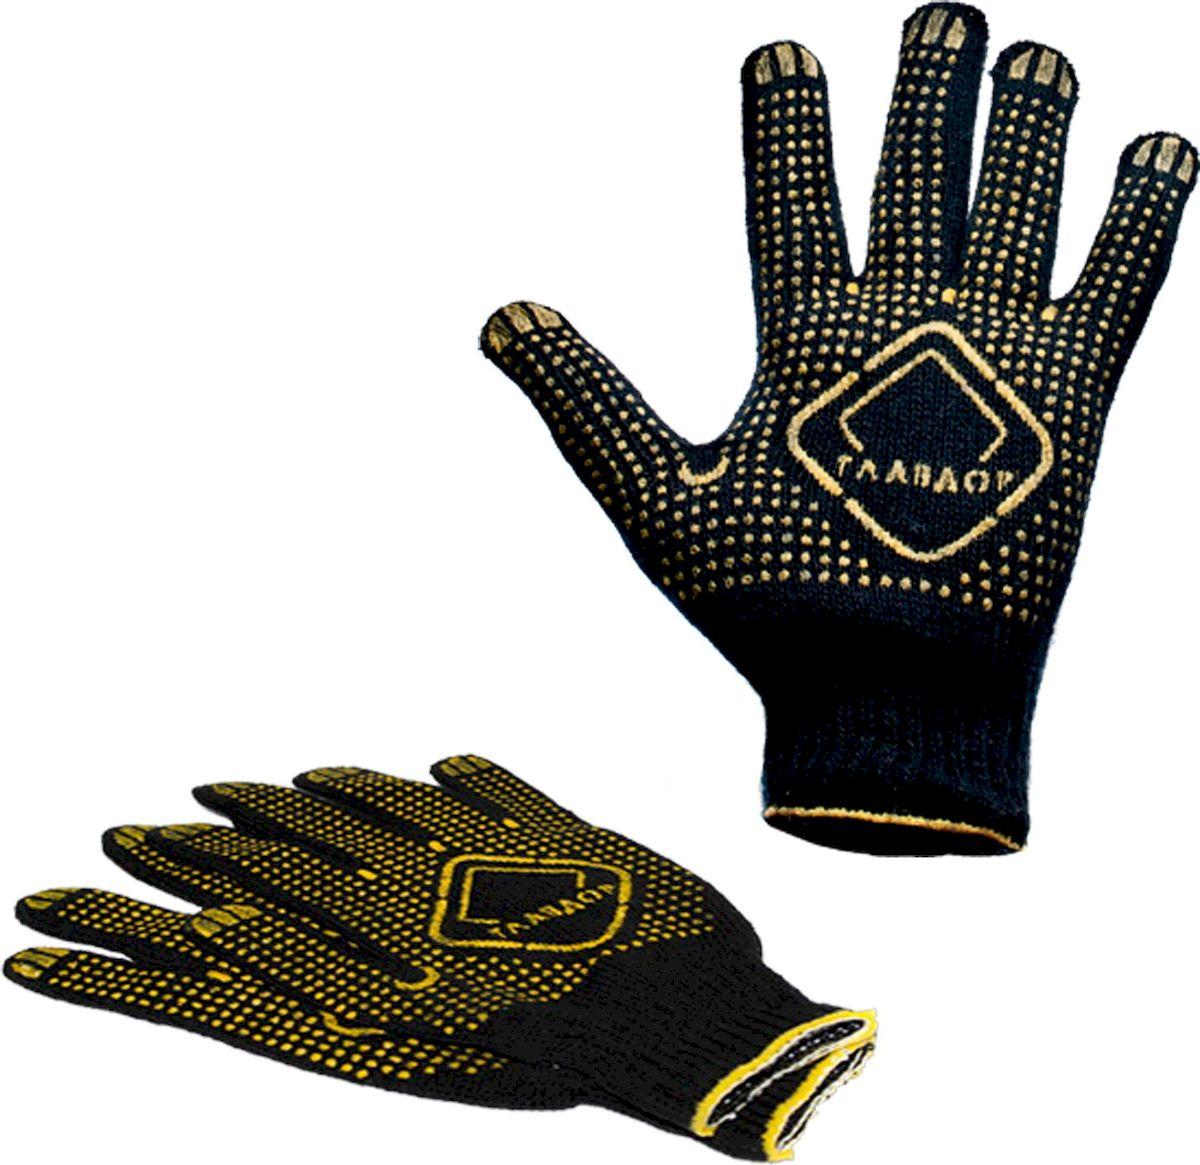 Перчатки защитные Главдор, цвет: черный. GL-44DH2400D/ORКлассические защитные перчатки Главдор выполнены из хлопка в 4 нити с точками с ПВХ. Прекрасно подходят для проведения ремонтных и прочих работ, а также для защиты рук от загрязнений.